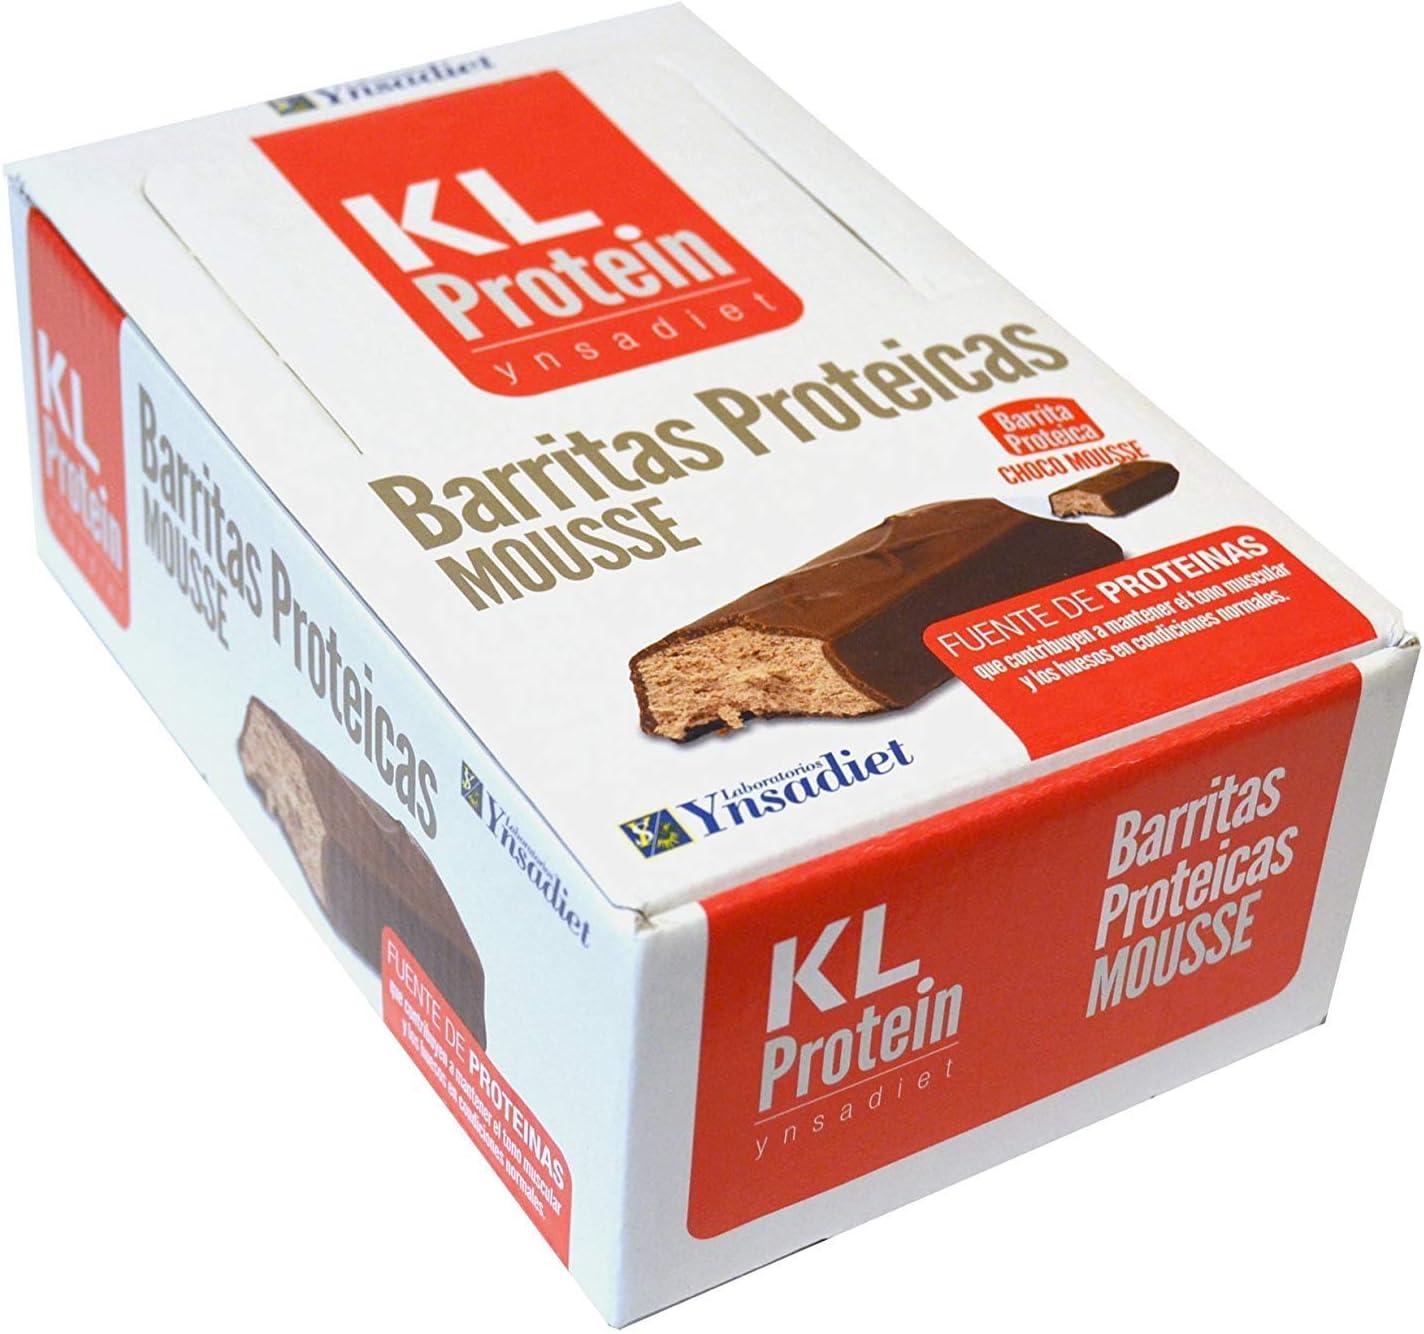 KL PROTEIN Barritas Proteicas y Energéticas, Sabor Chocolate ...